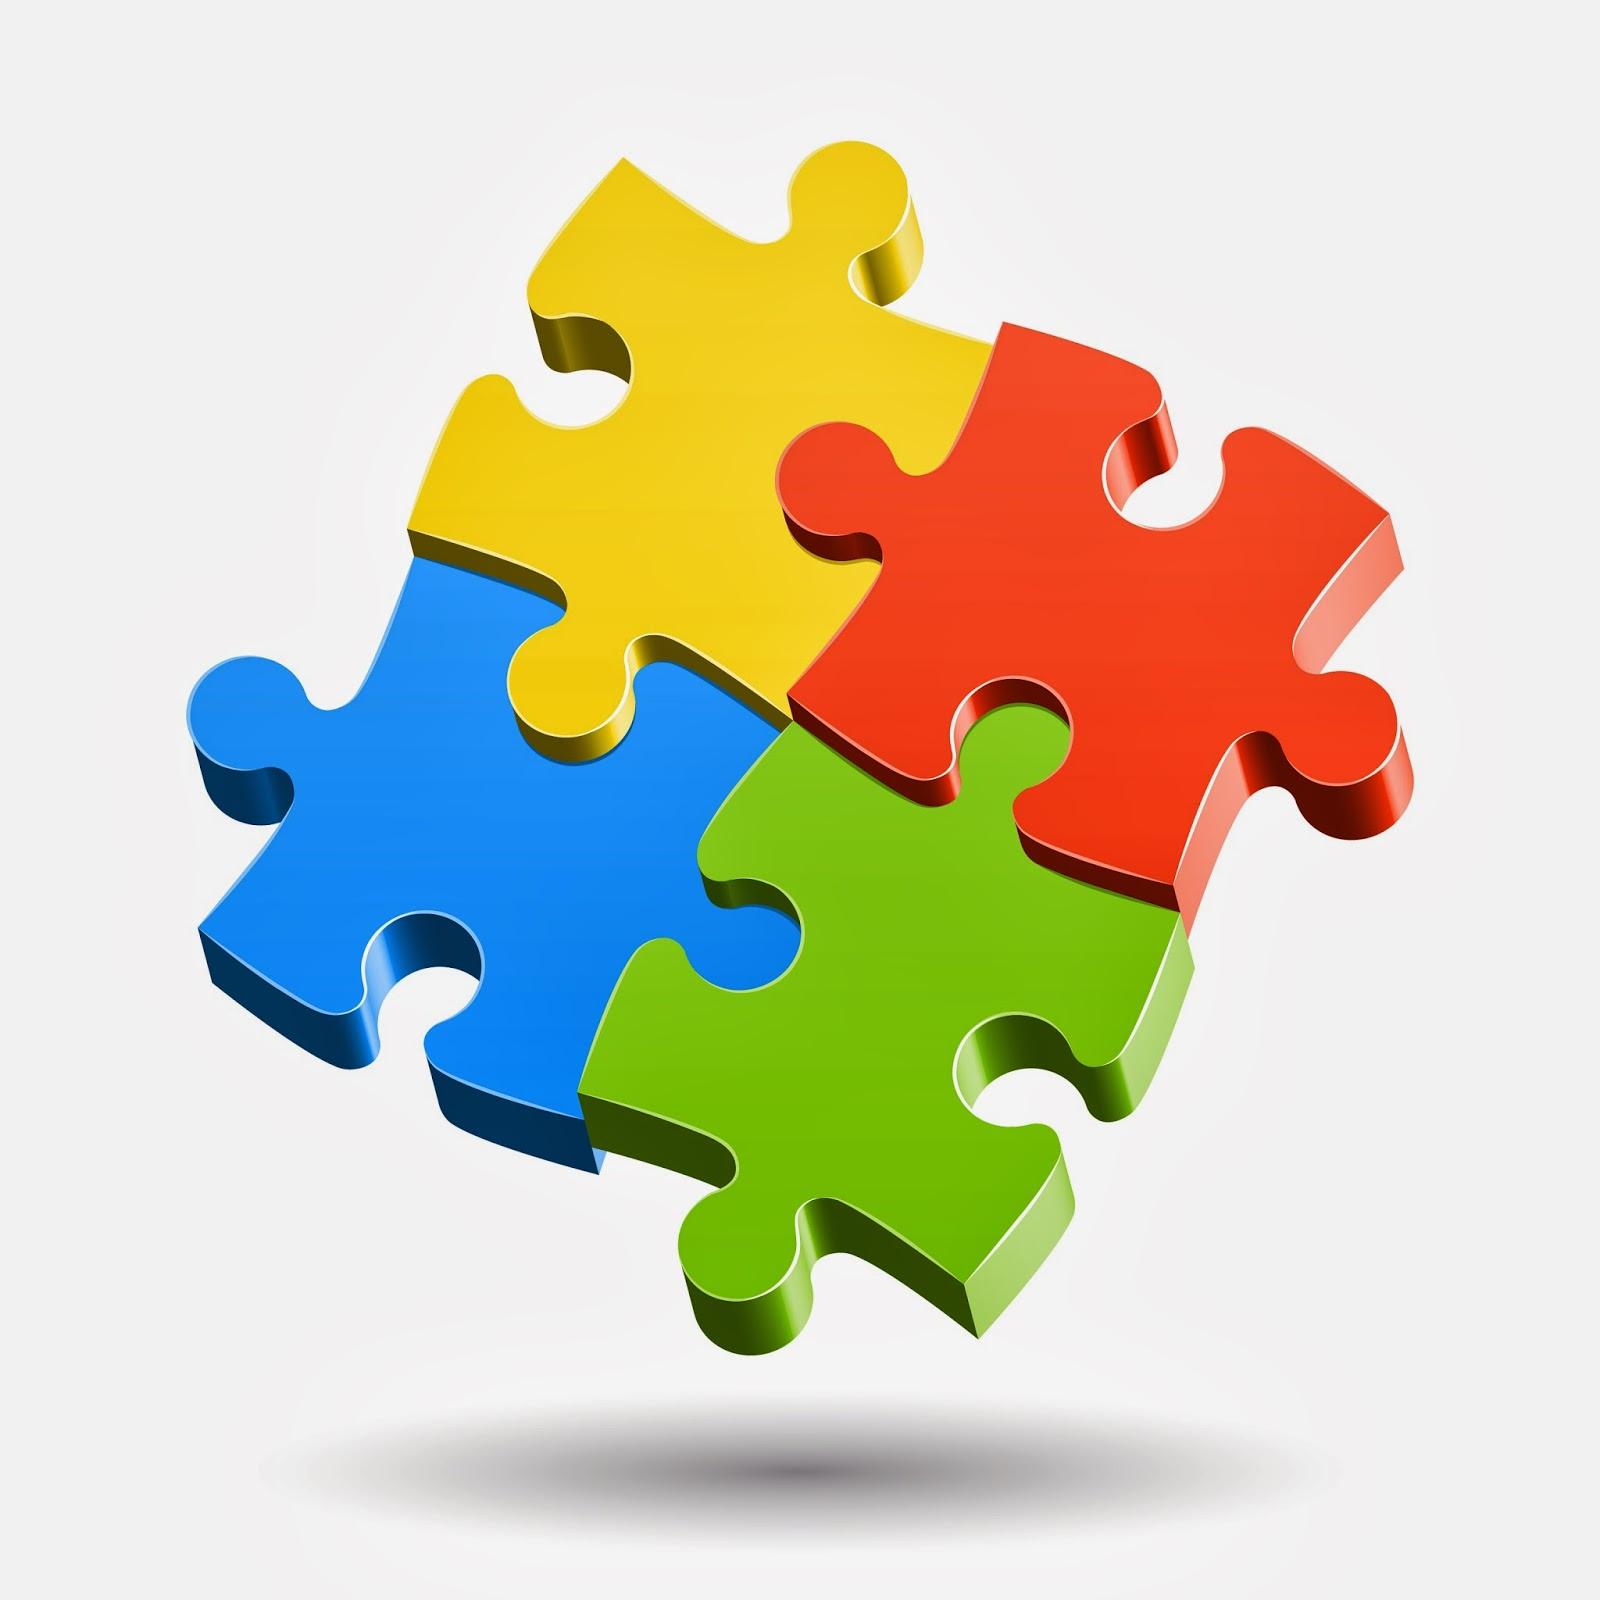 Autism clip art border image Autism Puzzle Piece Border Autism Puzzle Piece Background #mMuFd6 ... image